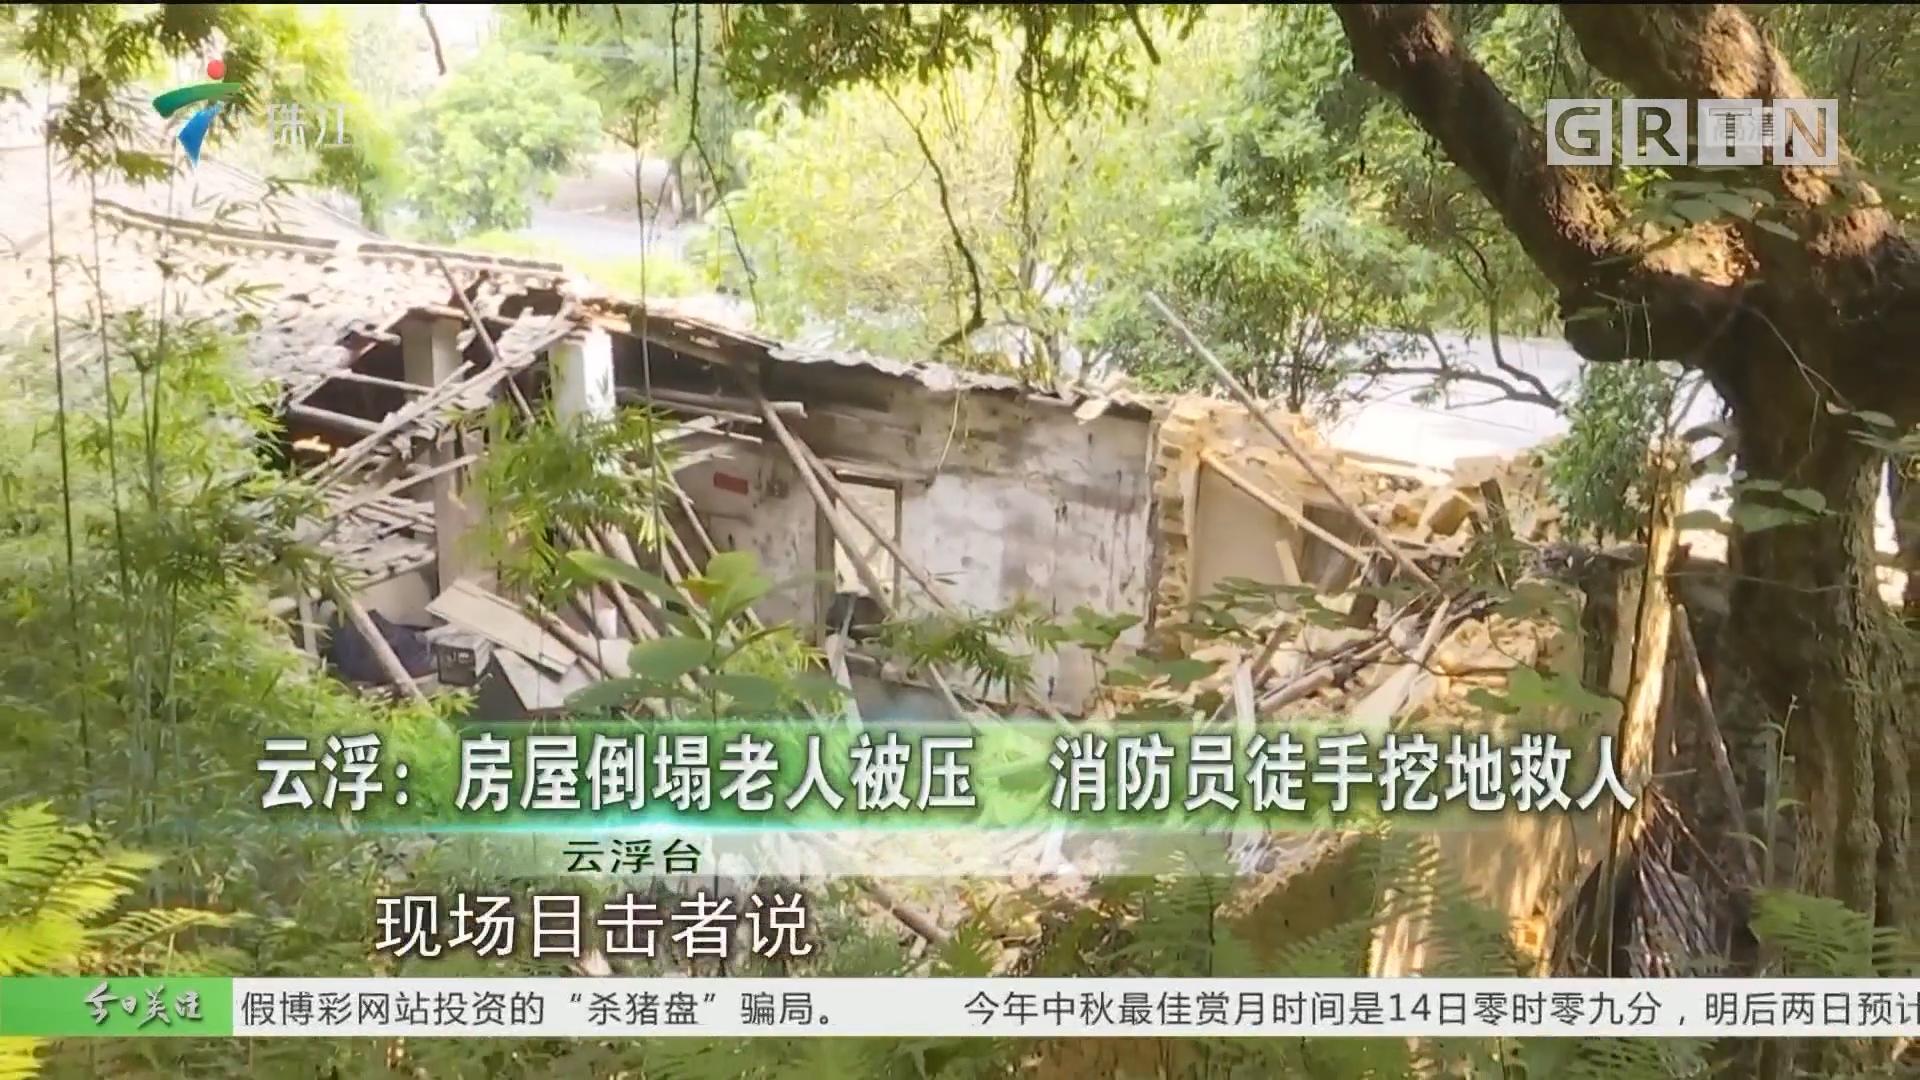 云浮:房屋倒塌老人被压 消防员徒手挖地救人